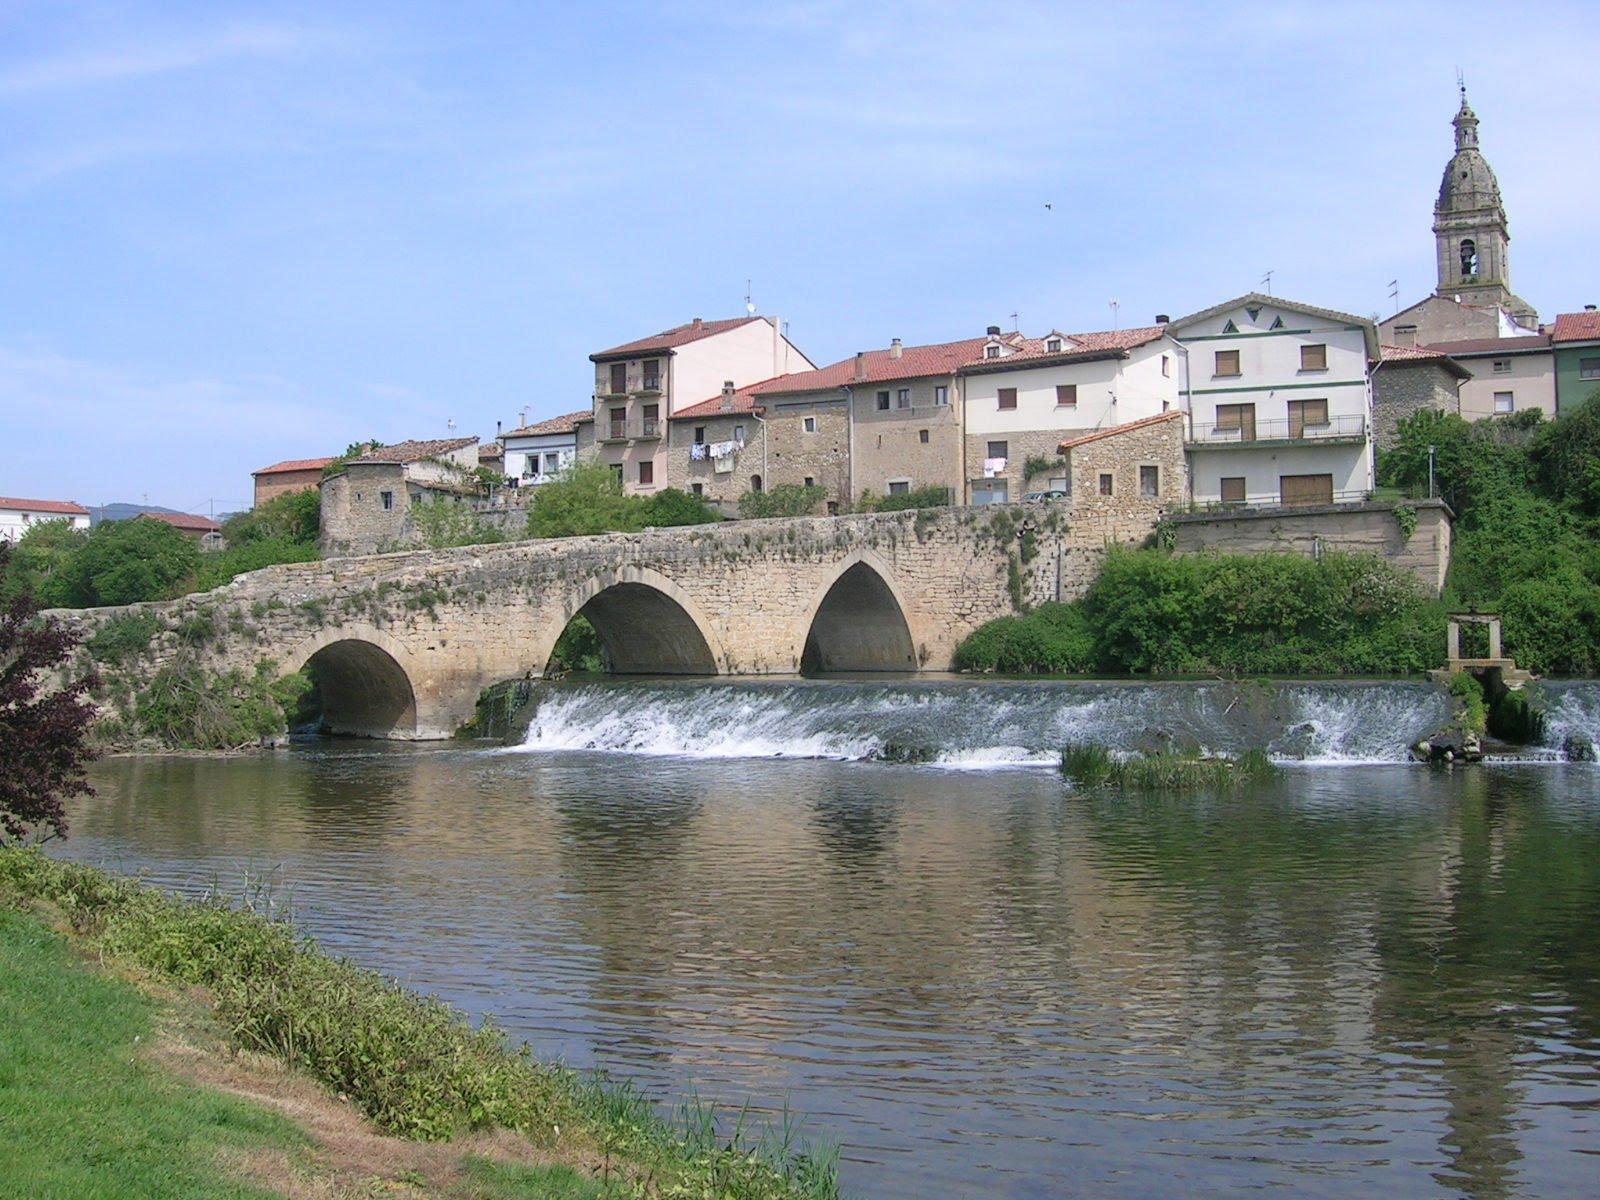 Ebro megaconstrucciones extreme engineering for Villabuena de alava